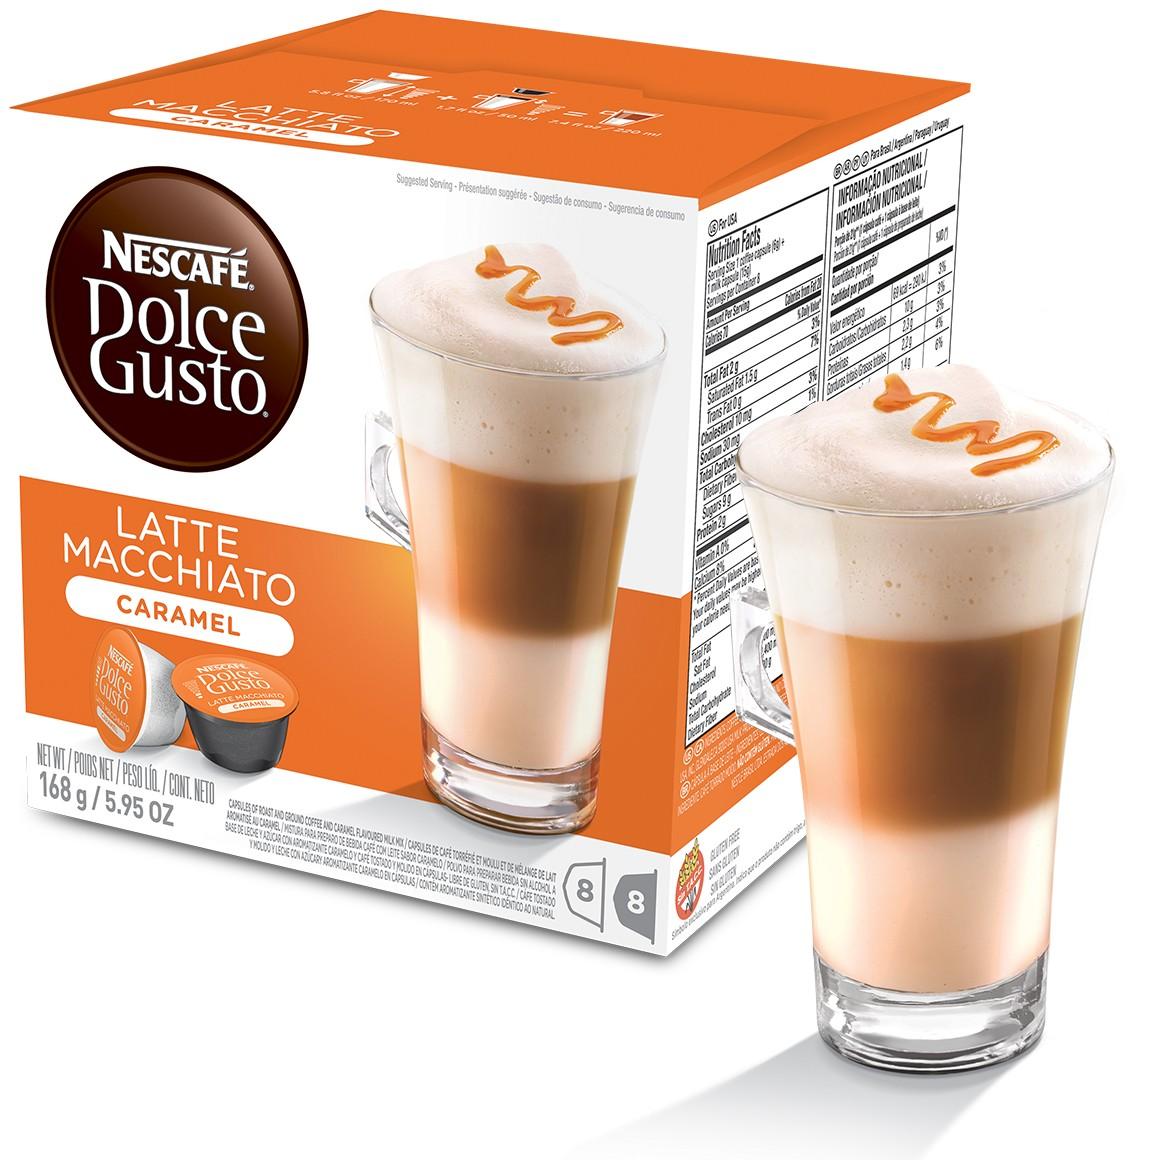 Cápsula Nescafé Dolce Gusto Latte Macchiato Caramel - Nestlé